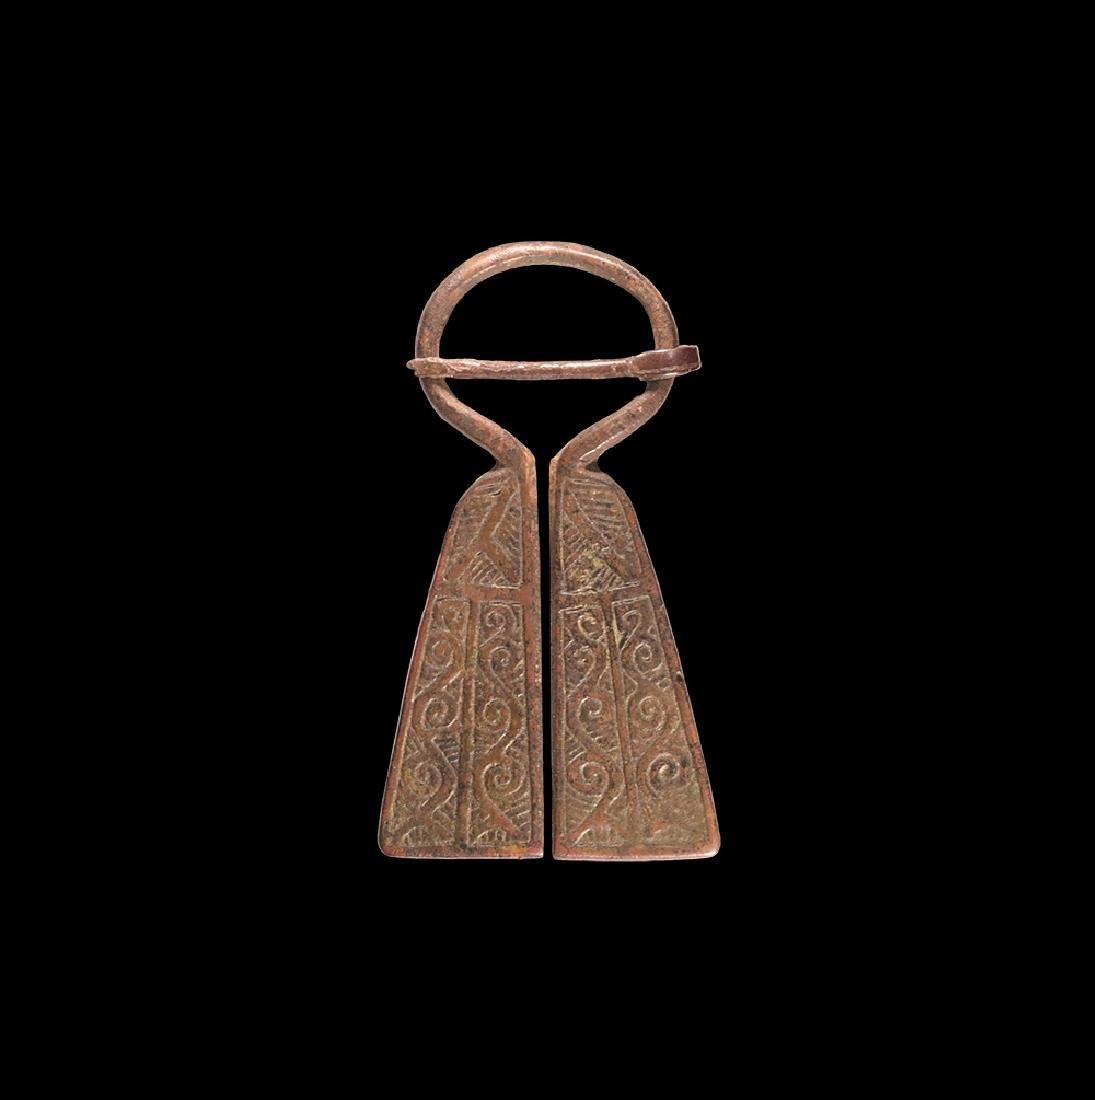 Viking Omega Penannular Brooch